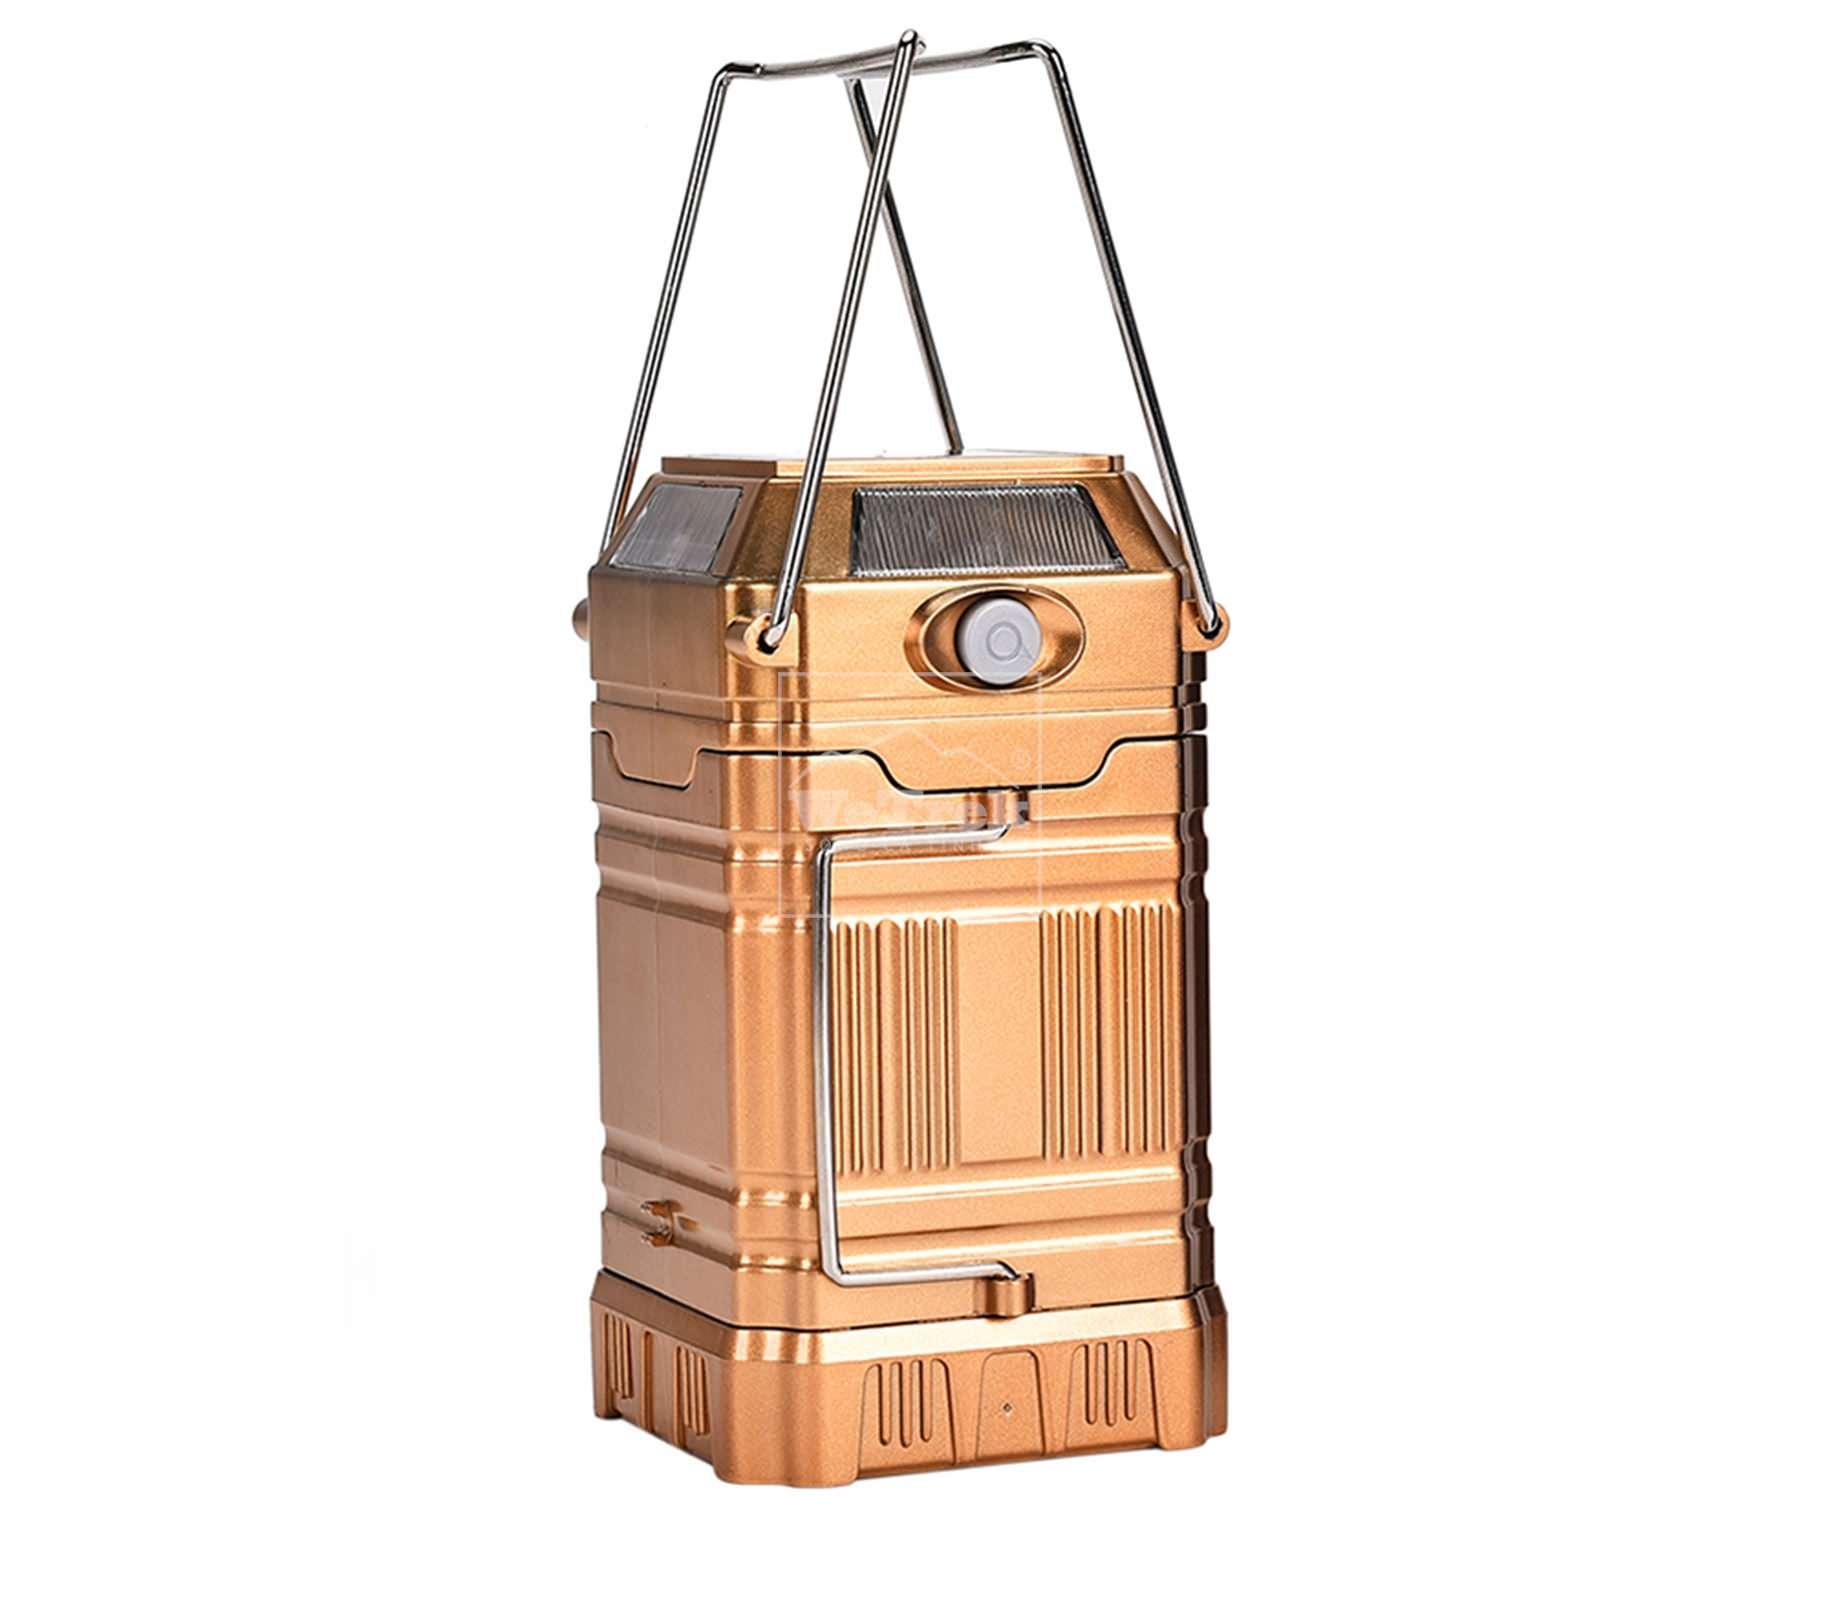 den-leu-8-4-1-led-rechargeable-camping-lantern-gsh-9009a-wetrek.vn-4